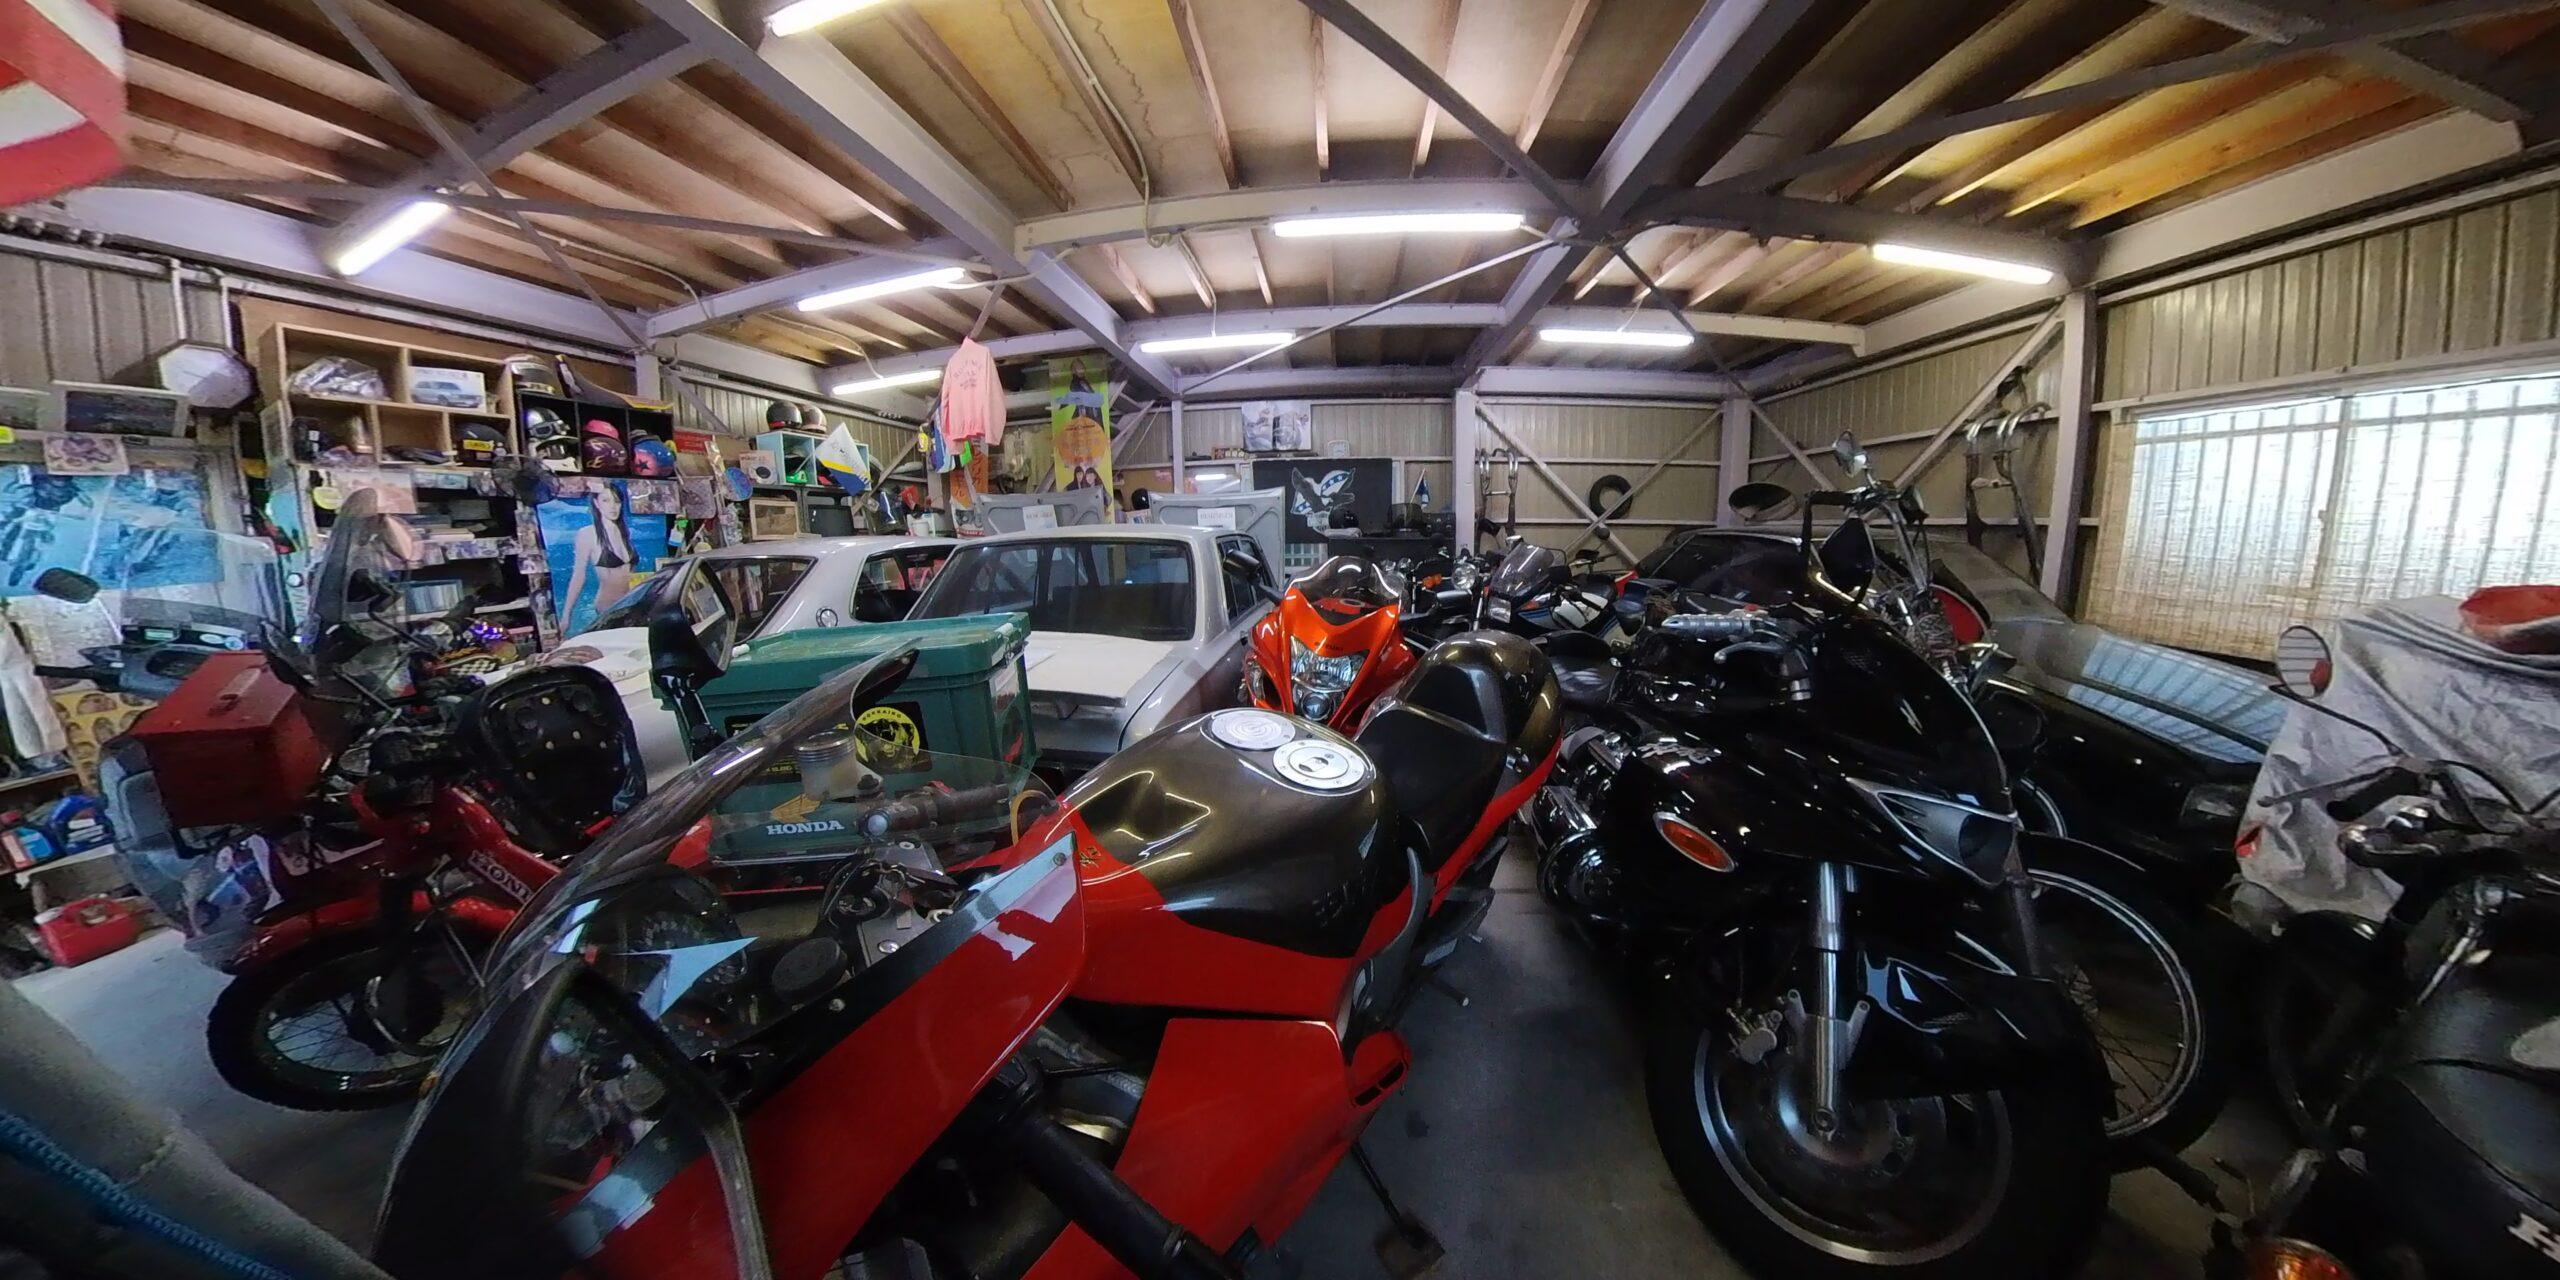 ガレージトーク、バイクの個人所有日本一?!の鈴木邸へお邪魔しました。